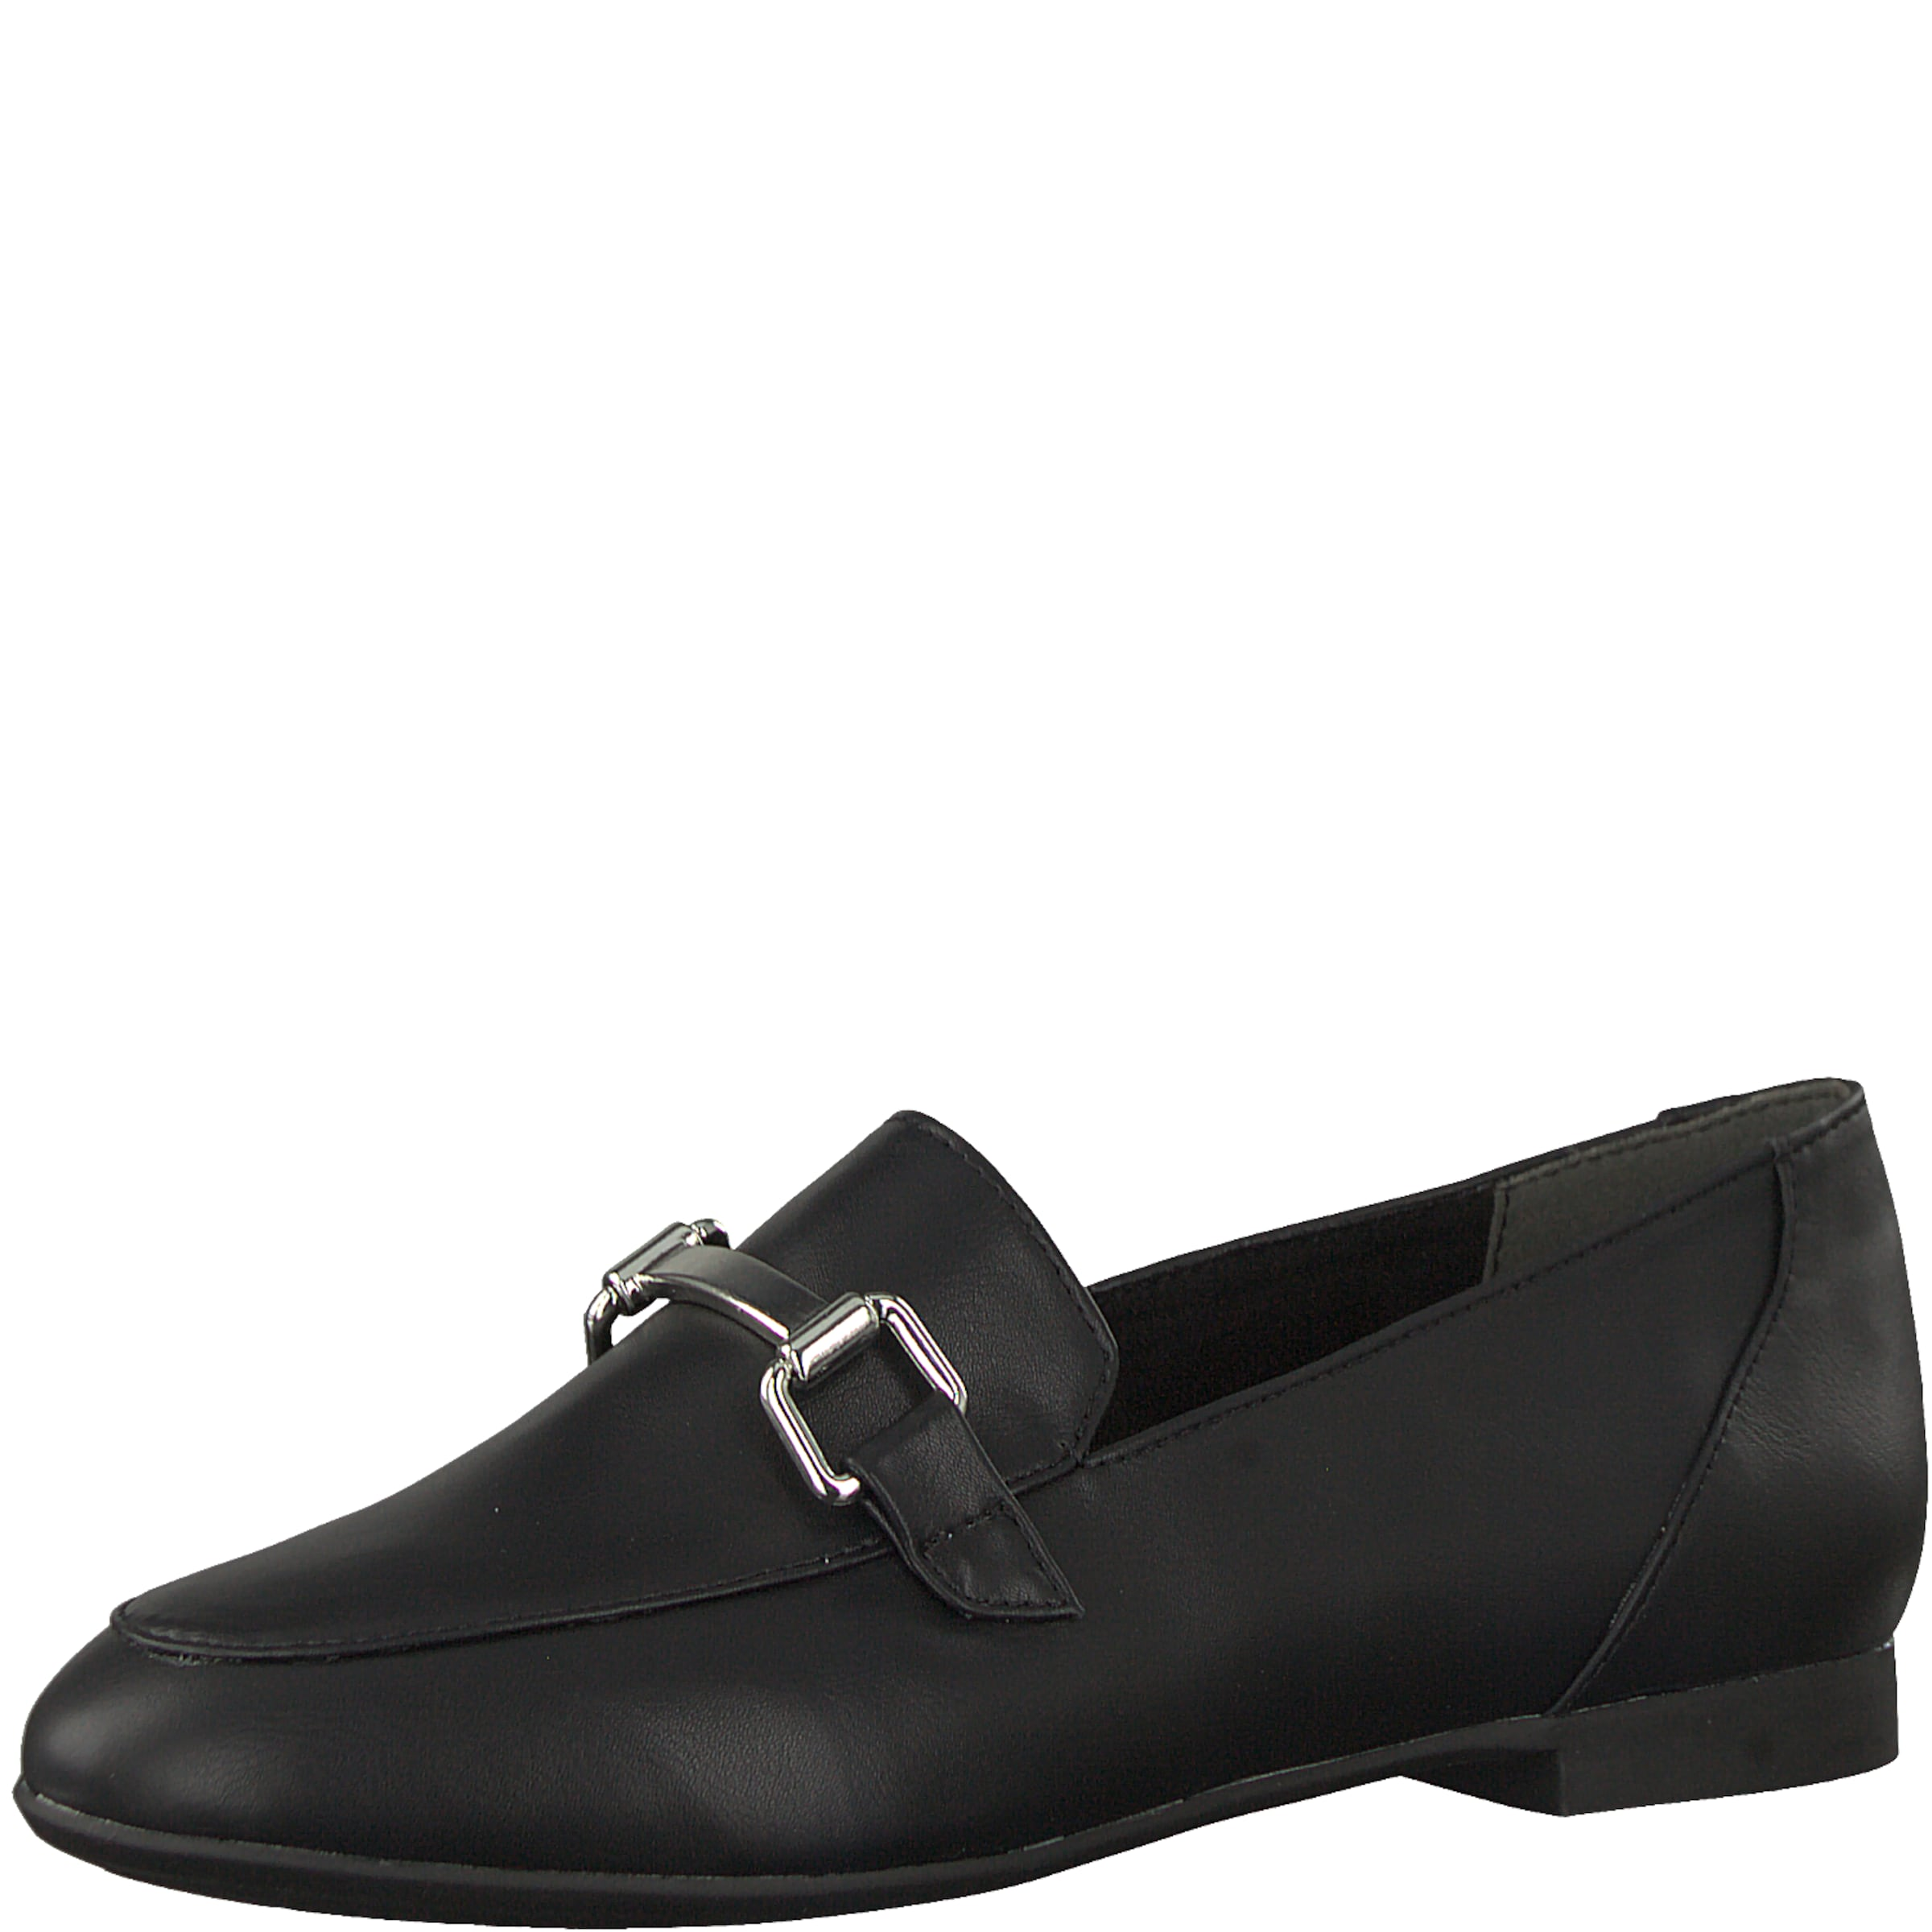 MARCO TOZZI Loafer Verschleißfeste billige Schuhe